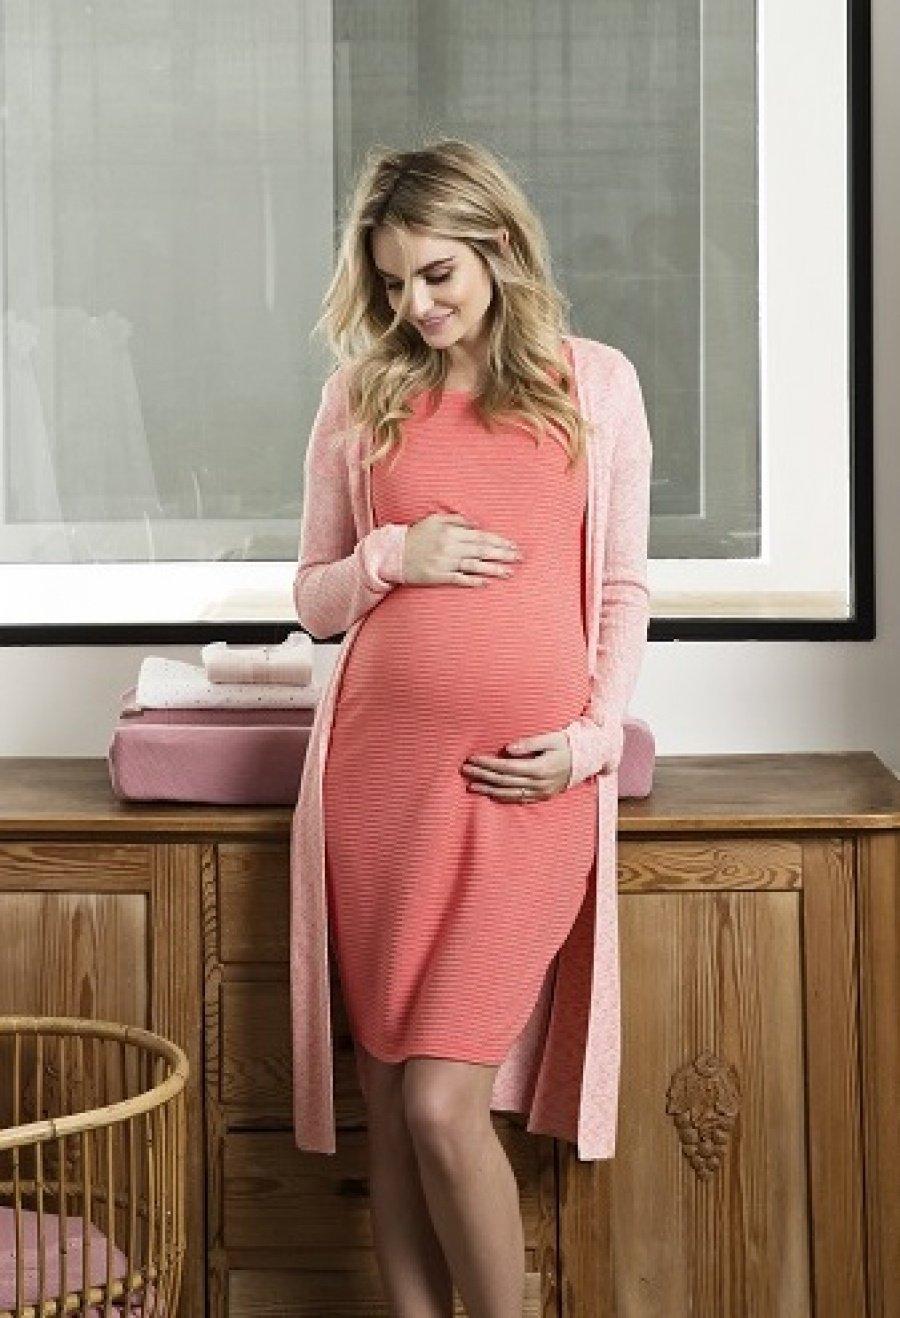 Zwangerschapskleding Verkopen.Prive Verkoop Zwangerschapskleding In Gent Op 2 En 4 Maart